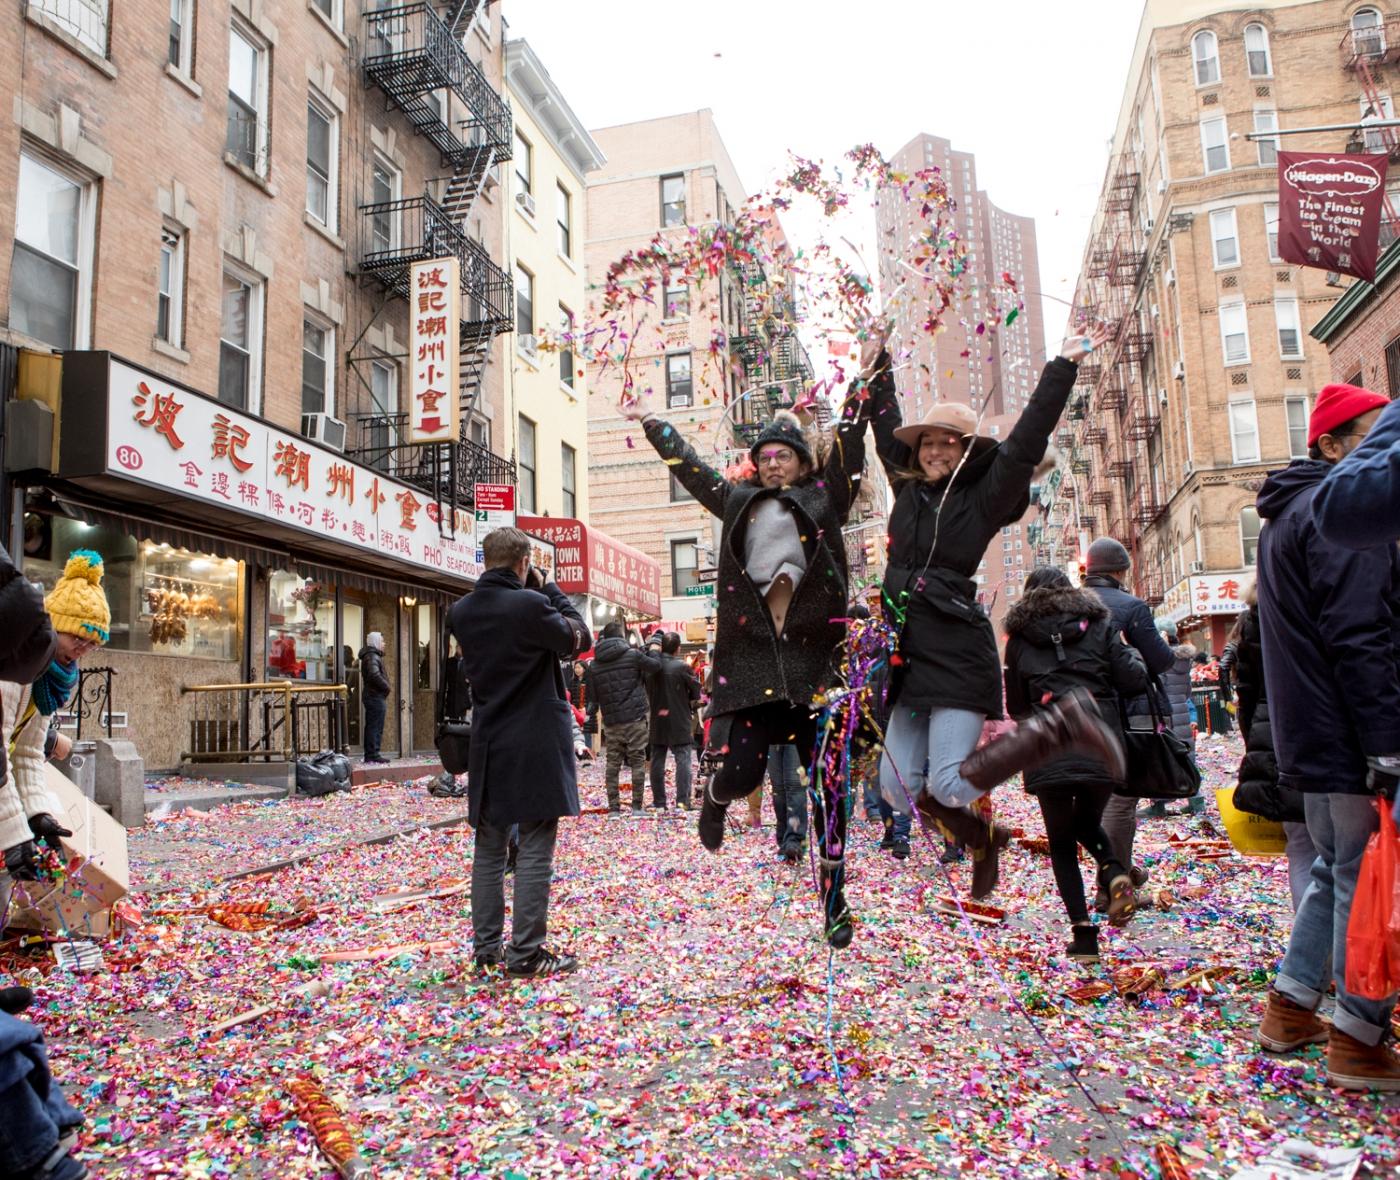 美國春節好熱鬧    ----紐約曼哈頓唐人街大年初一 20170128_图1-52